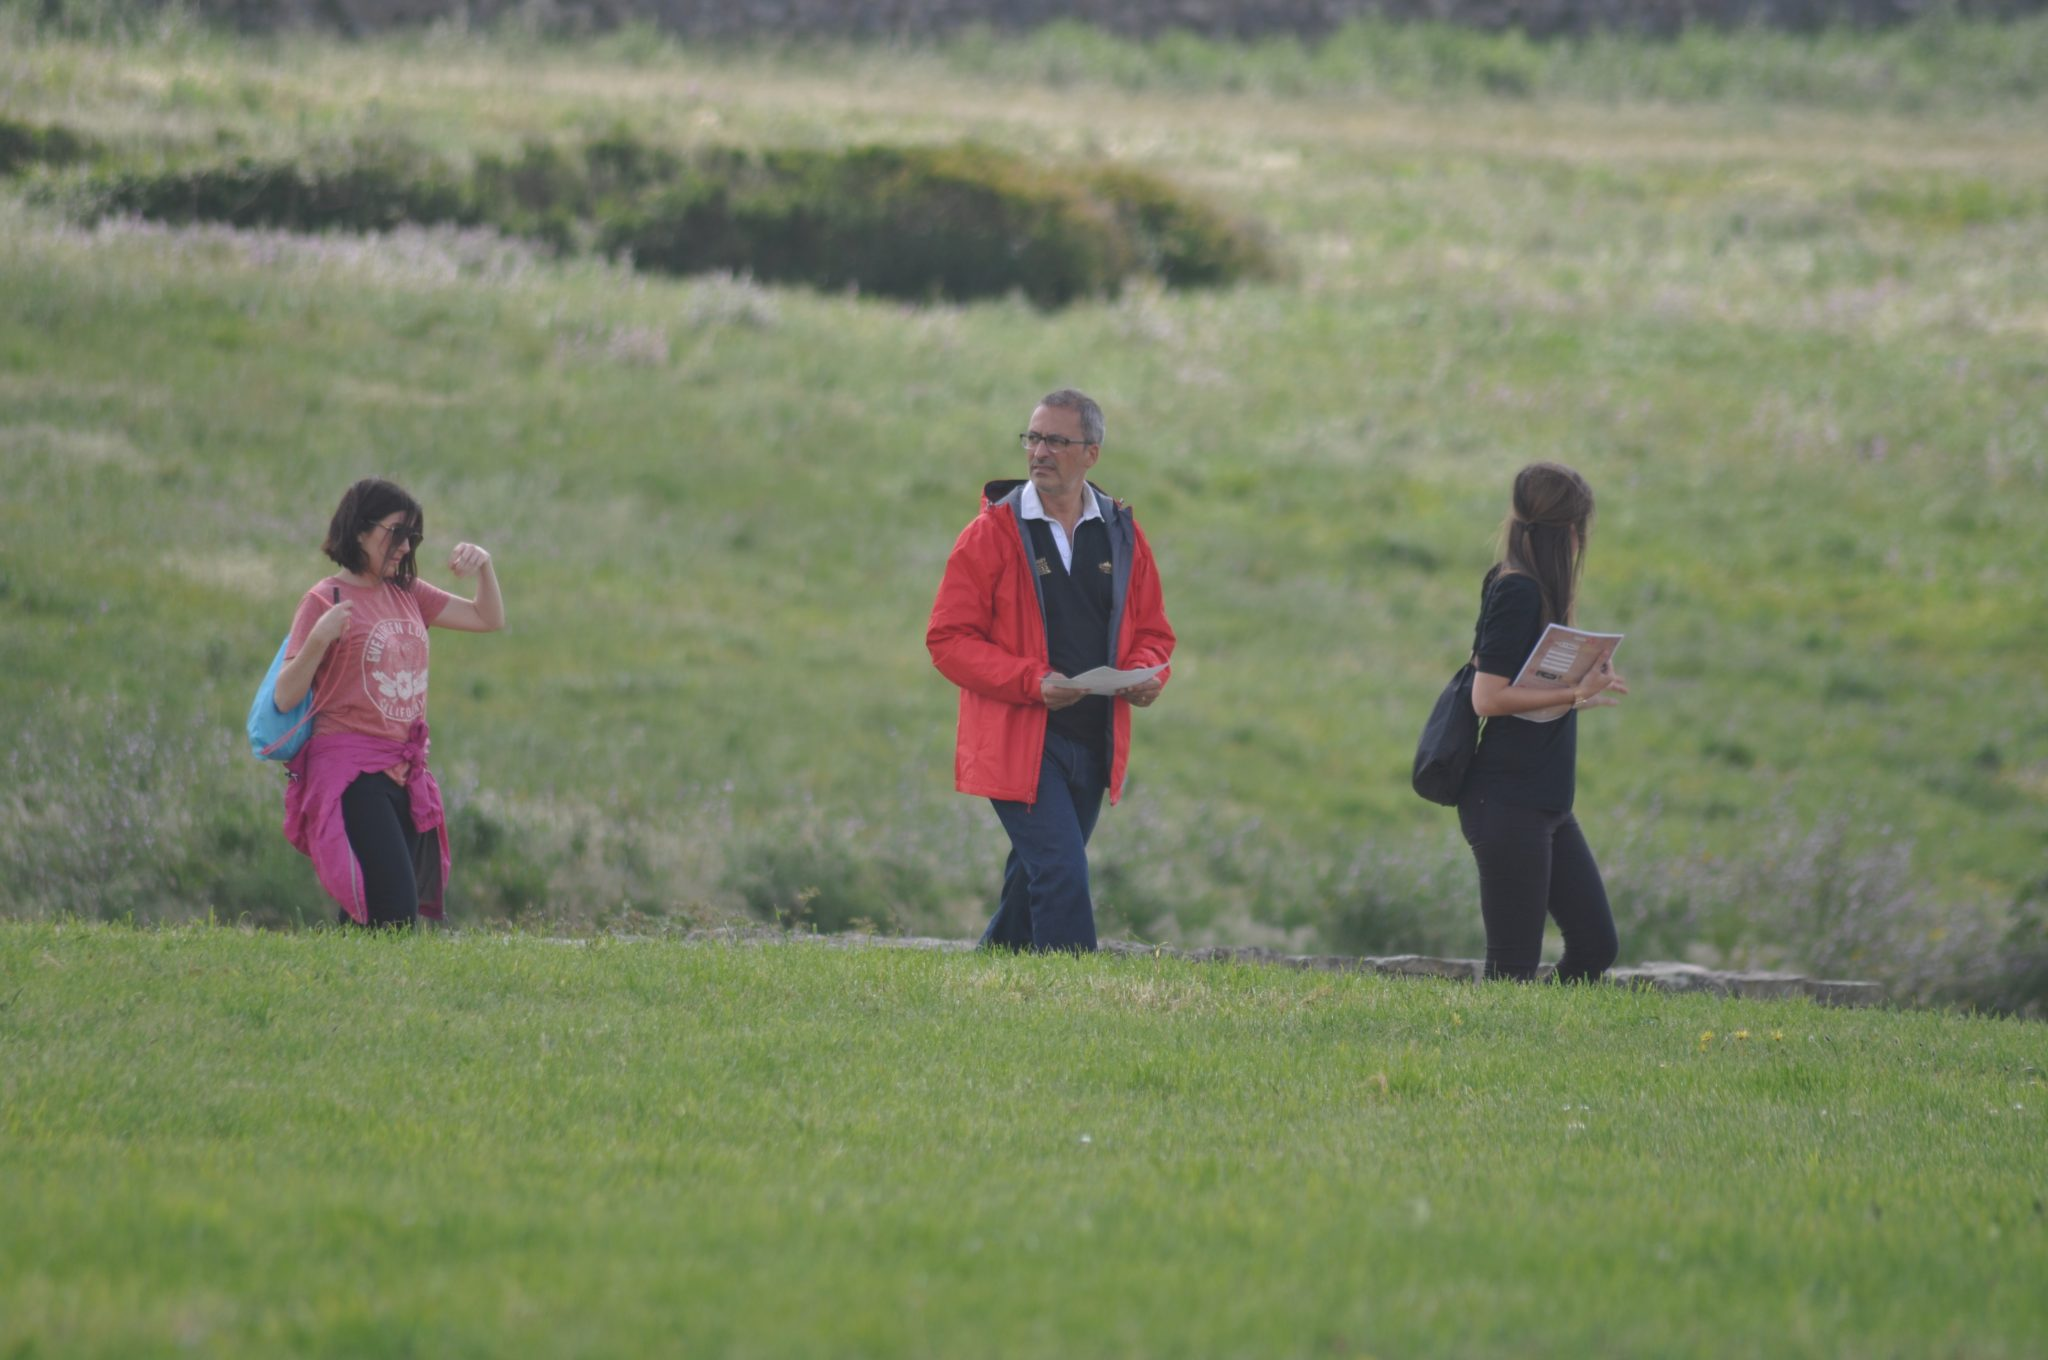 Territorio-Comanche | Actividades outdoor | Pruebas aventura orientación naturaleza | Pontevedra Galicia